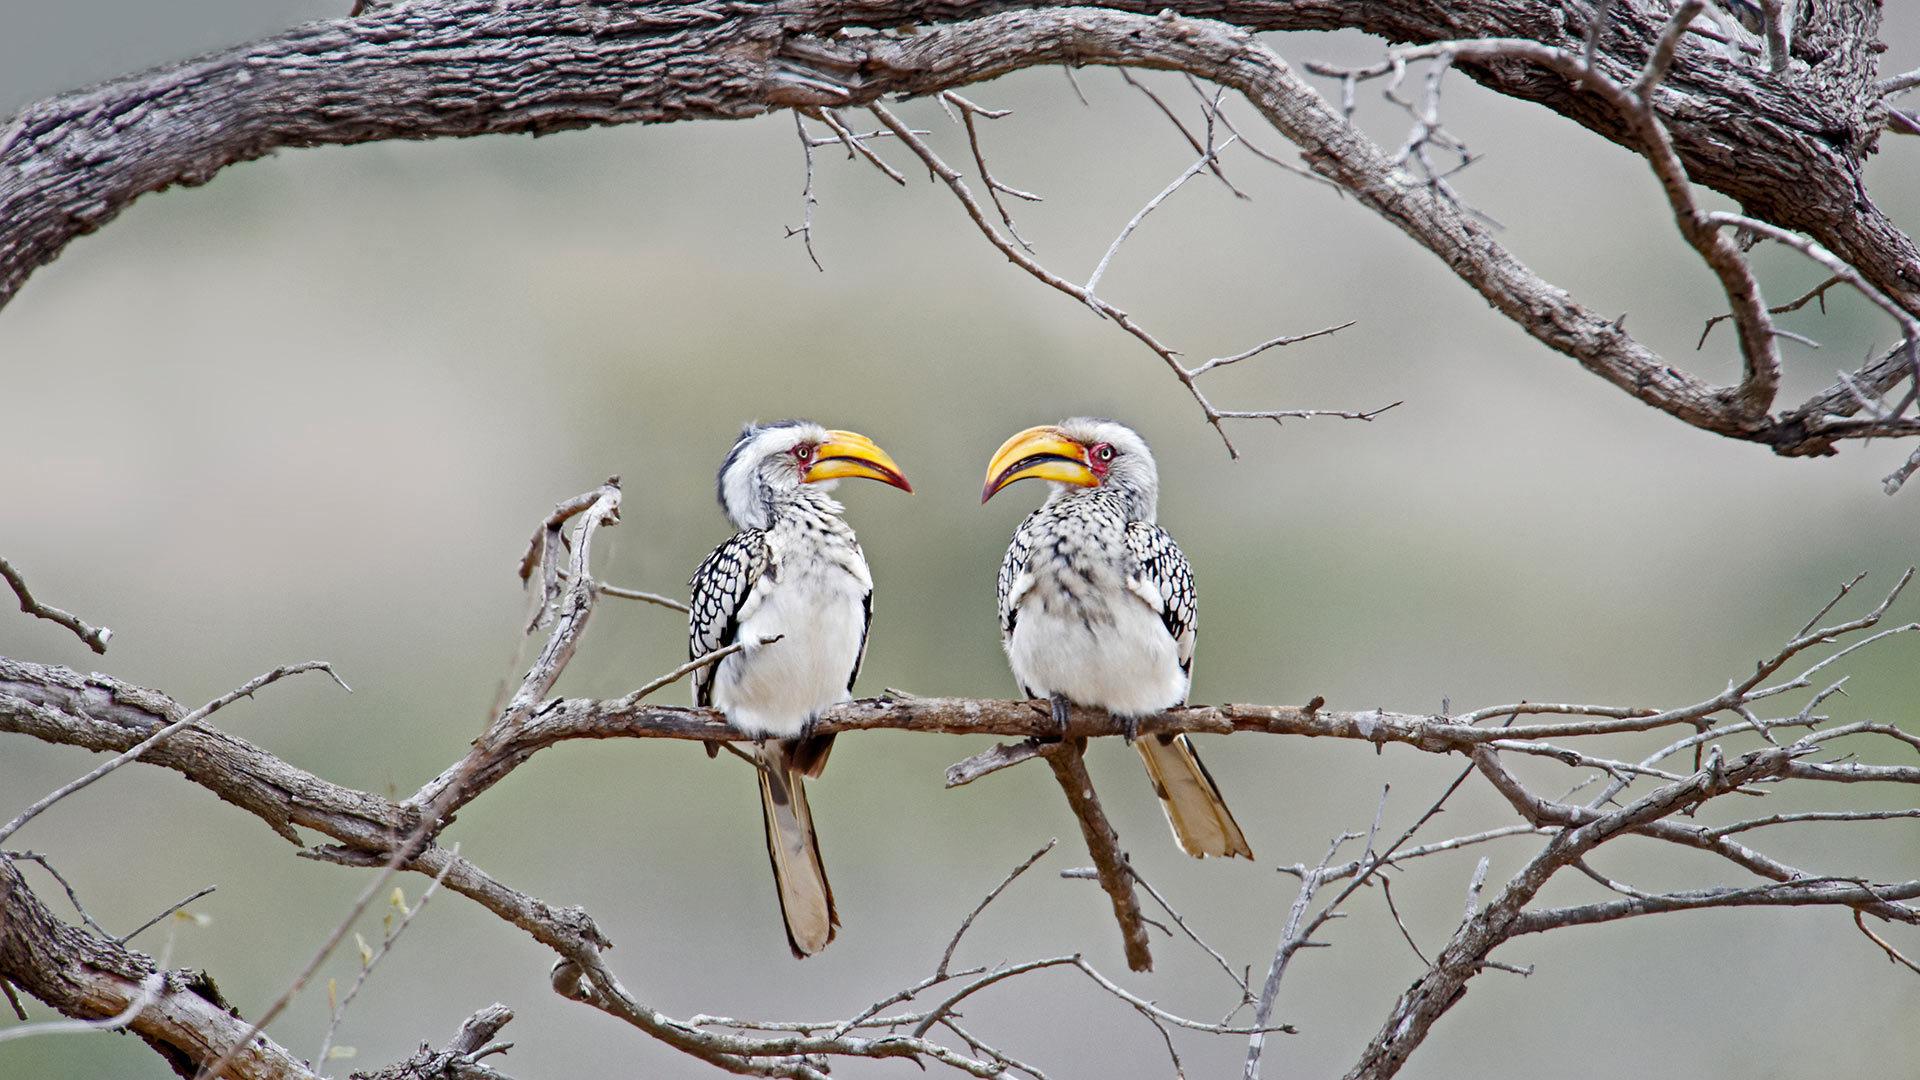 克鲁格国家公园中的黄嘴犀鸟